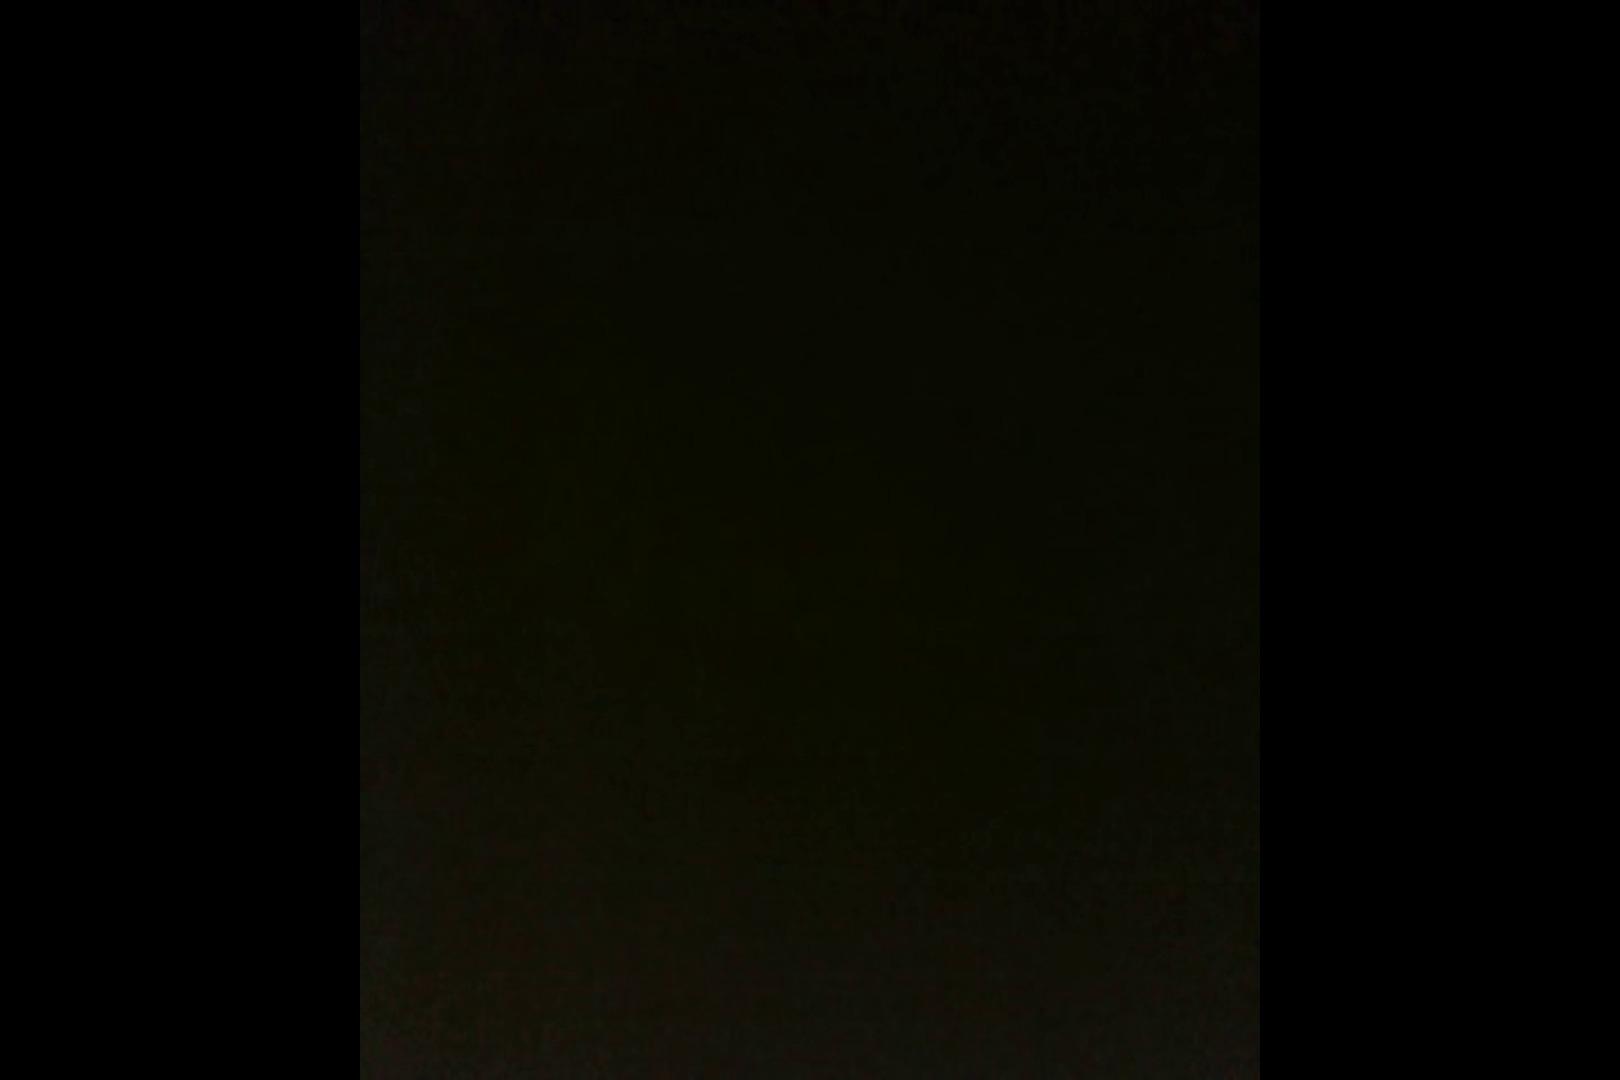 投稿!山下さんの闘病日記 ナースのピンクパンツ vol.02 パンティ | ナースのエロ動画  82PIX 1